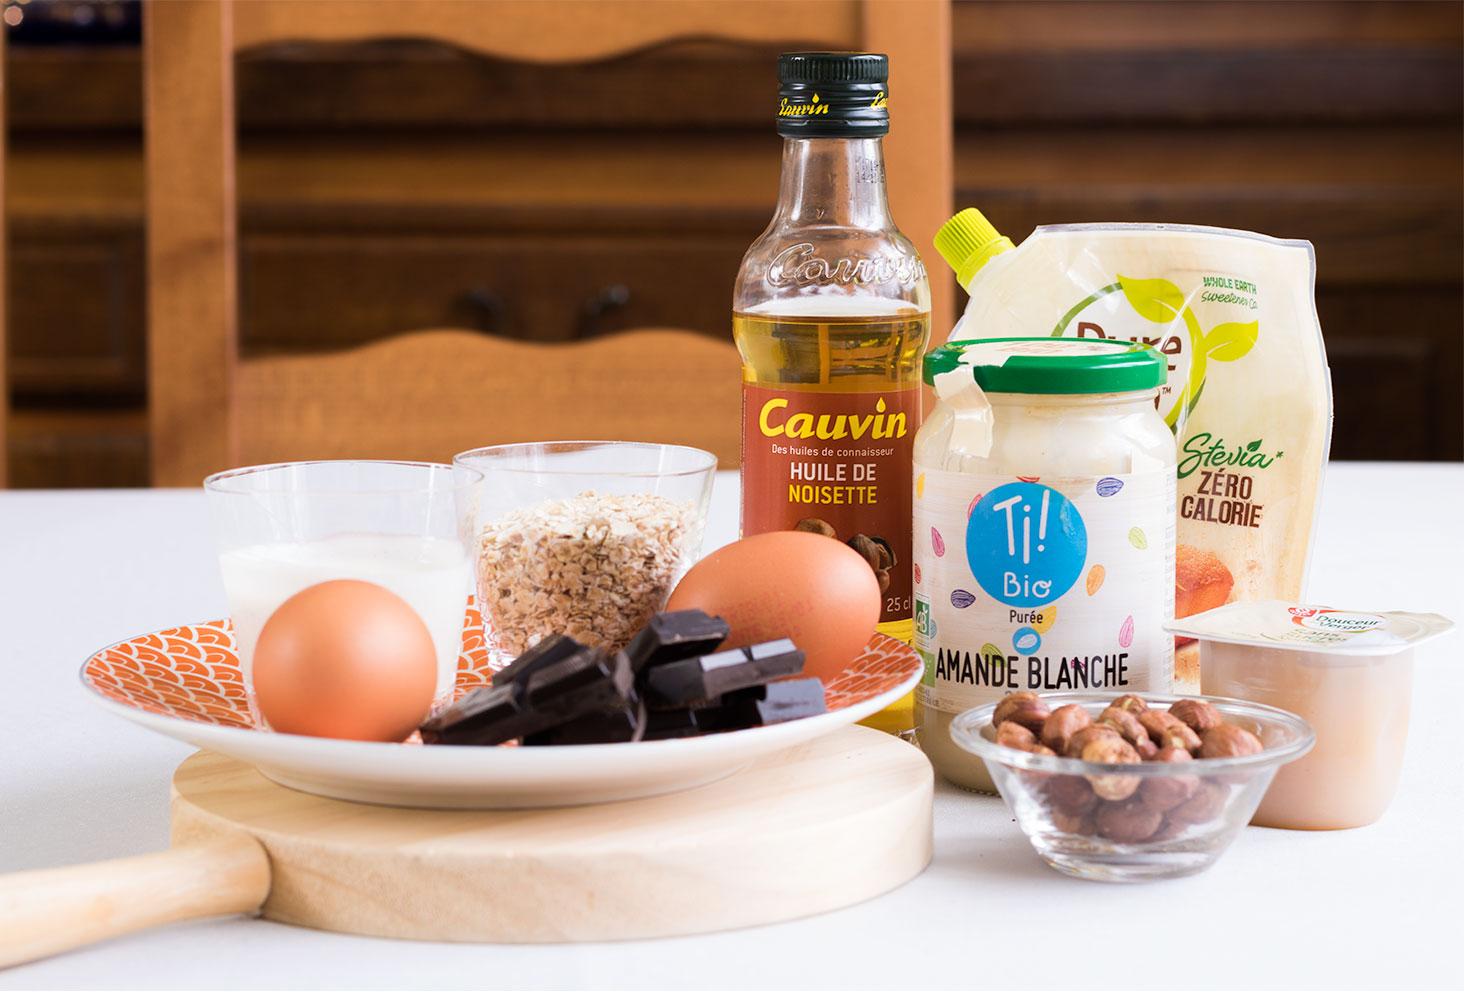 Ensemble des ingrédients nécessaires à la réalisation de crêpes et de pâtes à tartiner maison